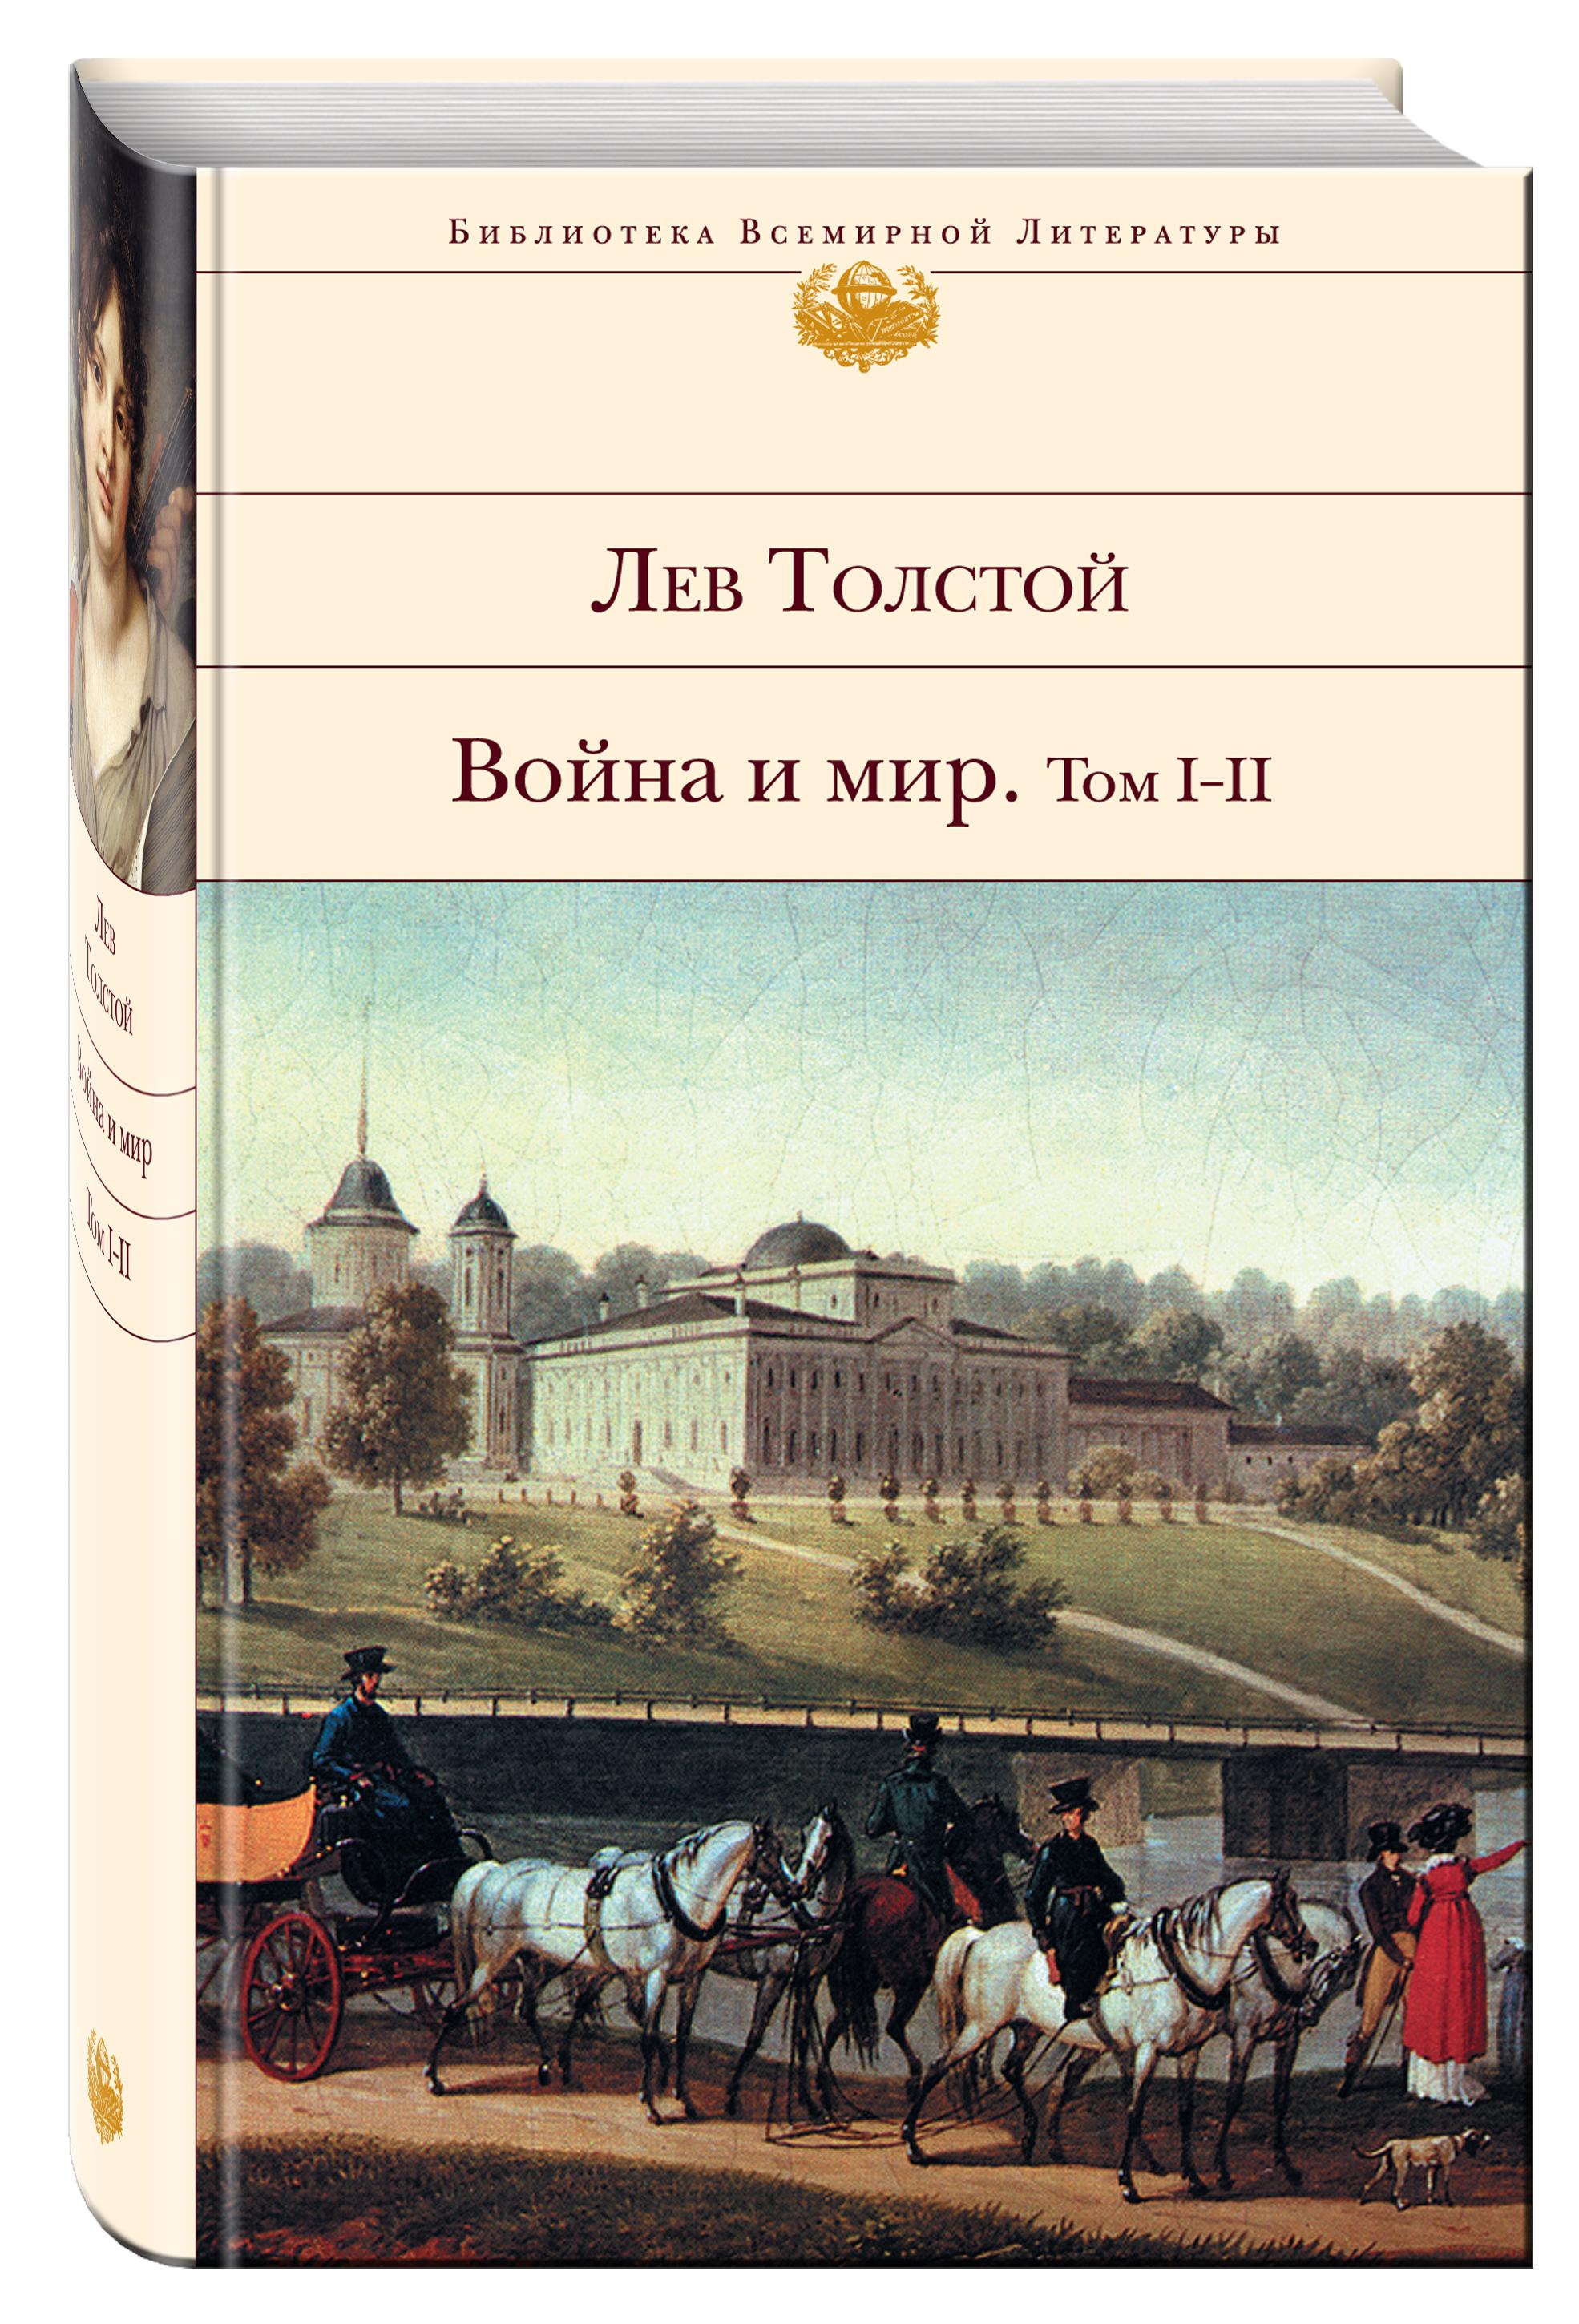 Толстой Л.Н. Война и мир. Том I-II лев толстой война и мир тома 1 и 2 в сокращении